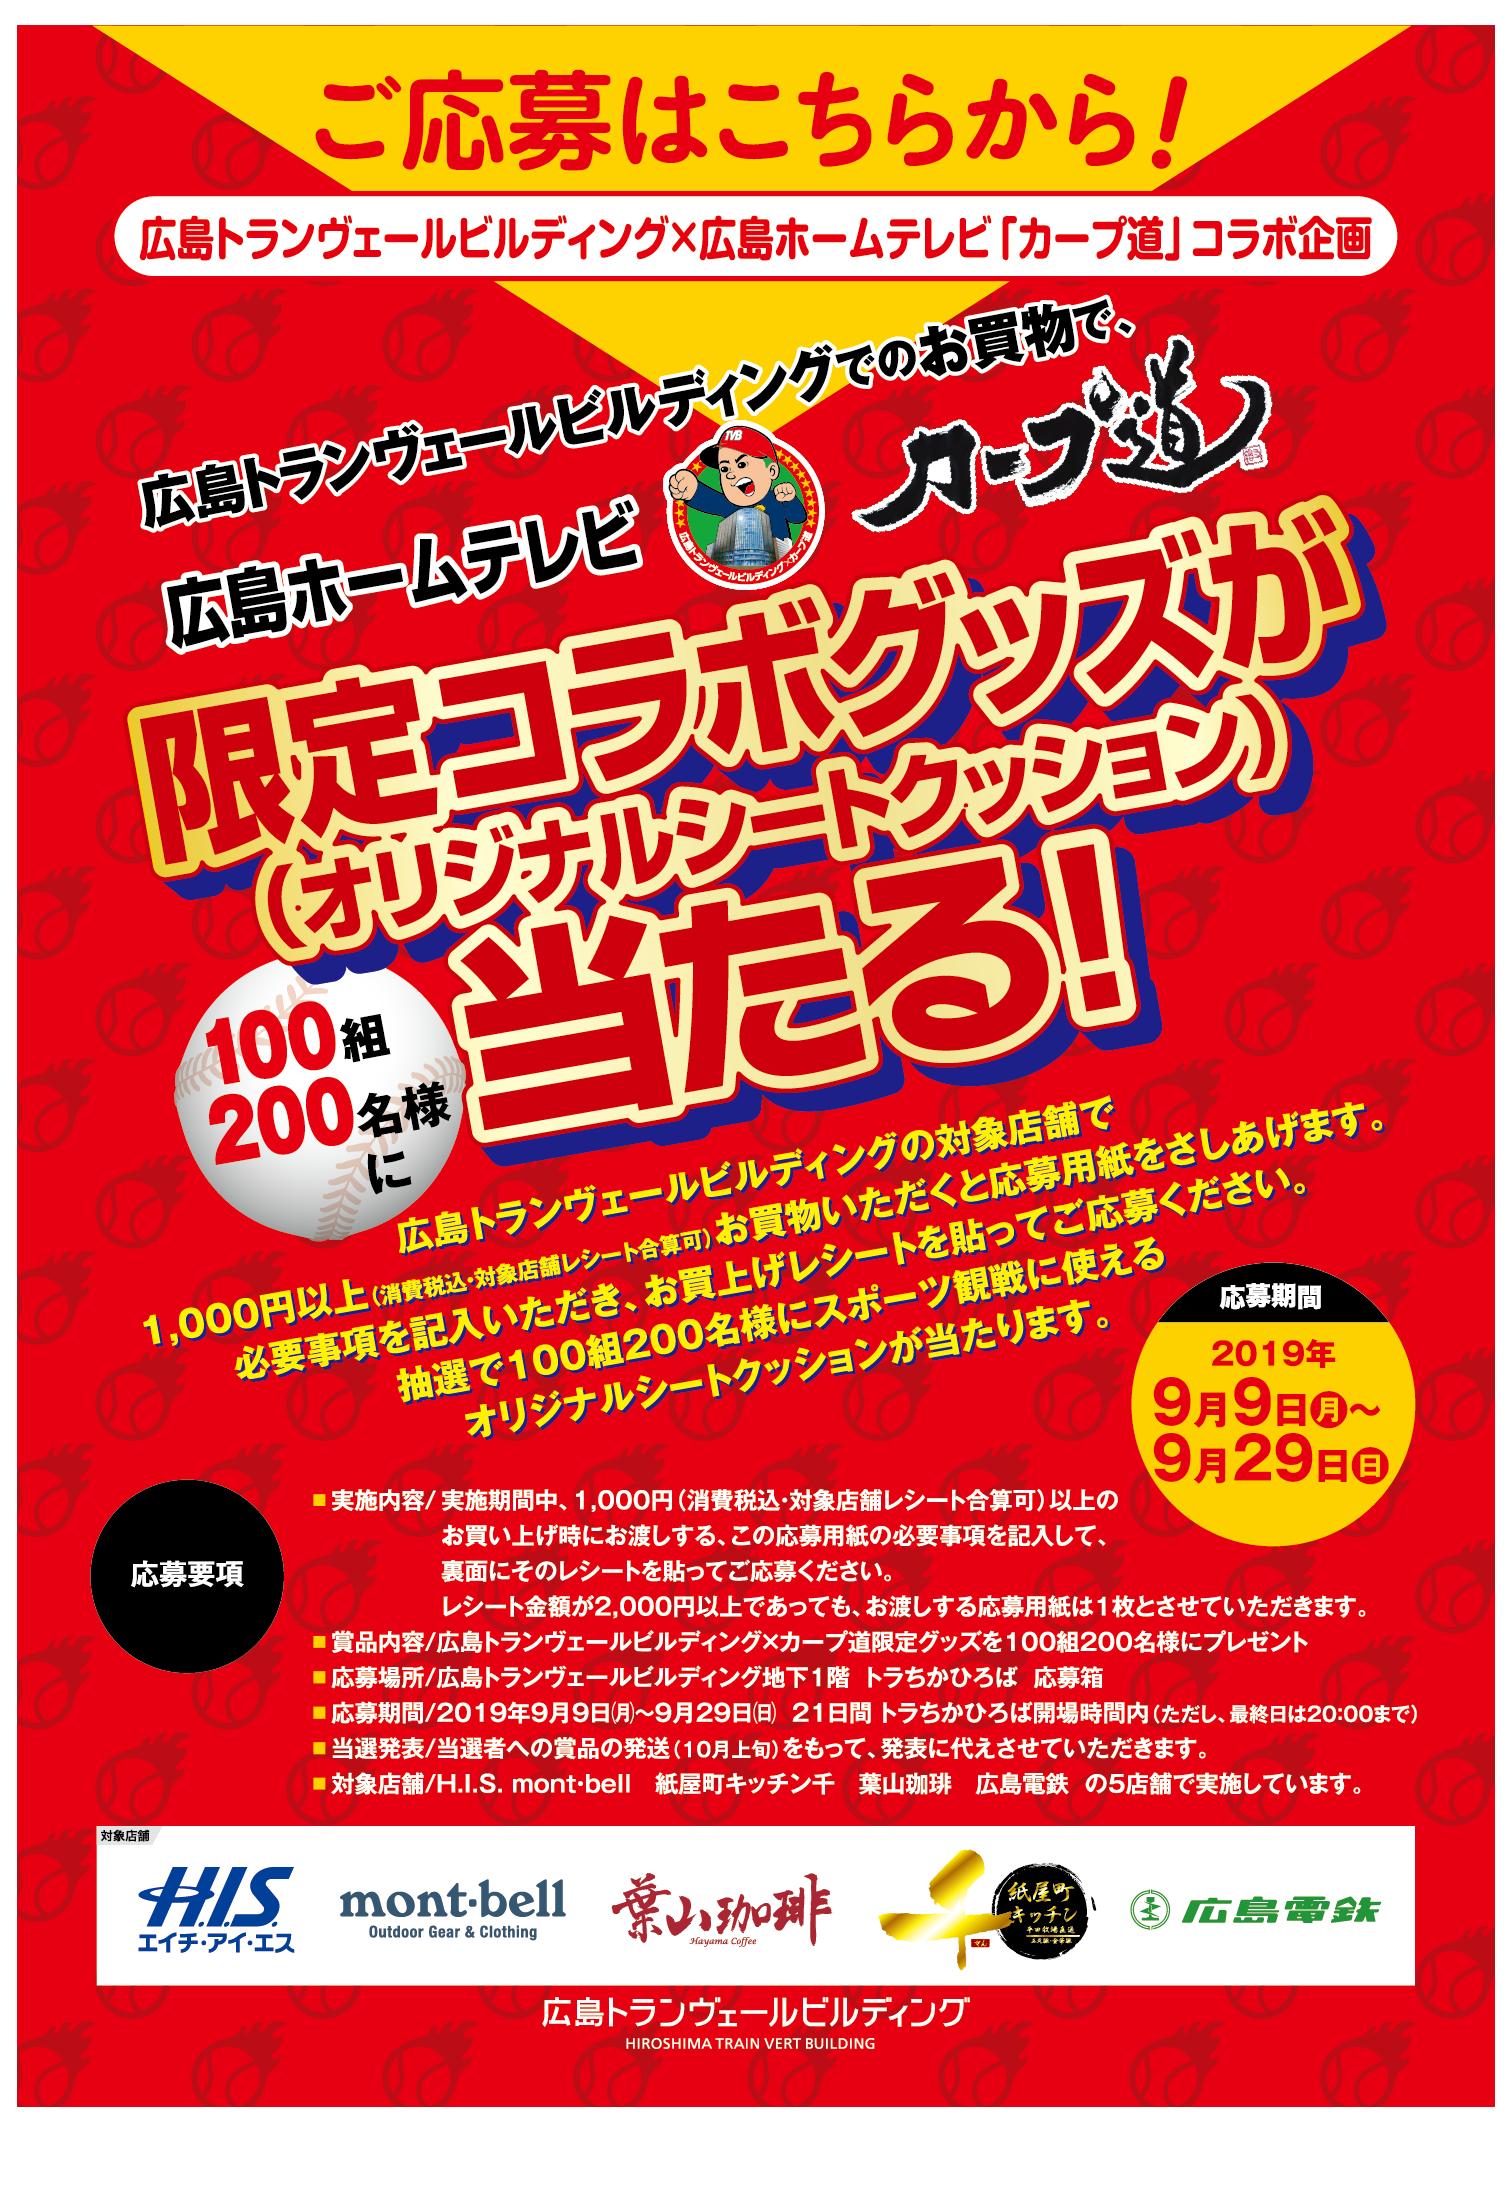 広島トランヴェール×広島ホームテレビ「カープ道」コラボ企画